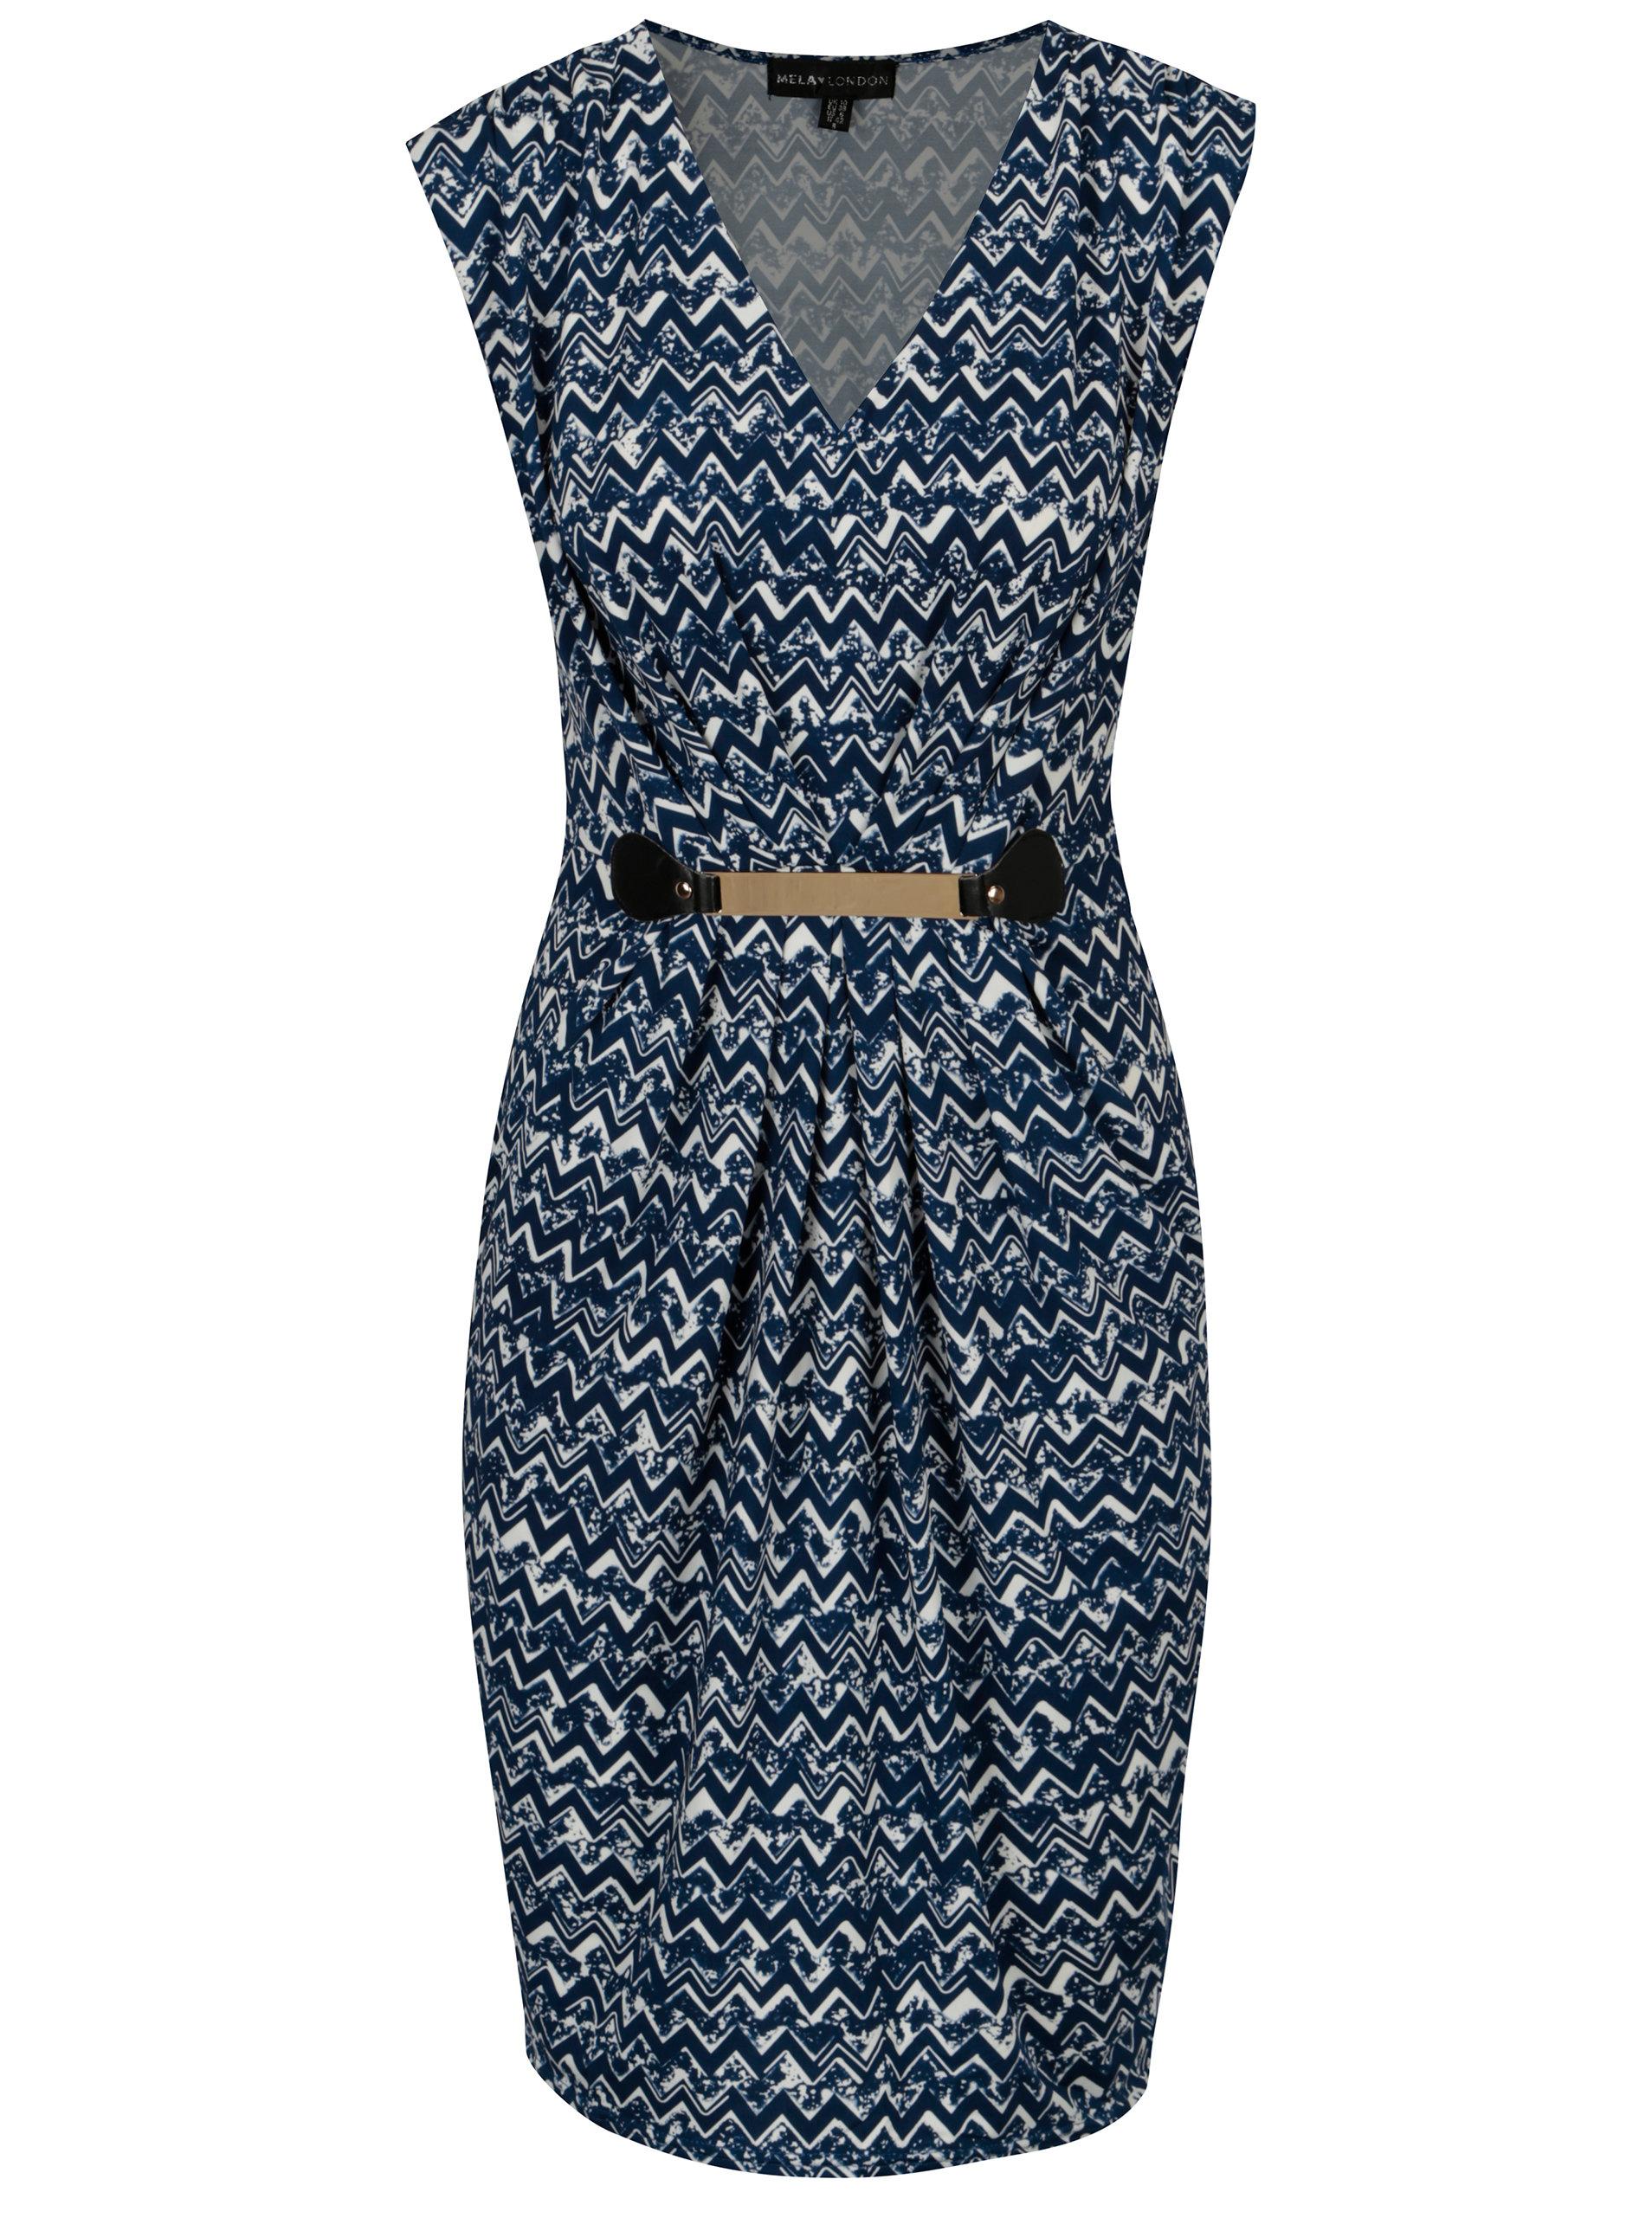 Bielo-modré vzorované šaty s kovovou aplikáciou Mela London ... c1f9ccaebb